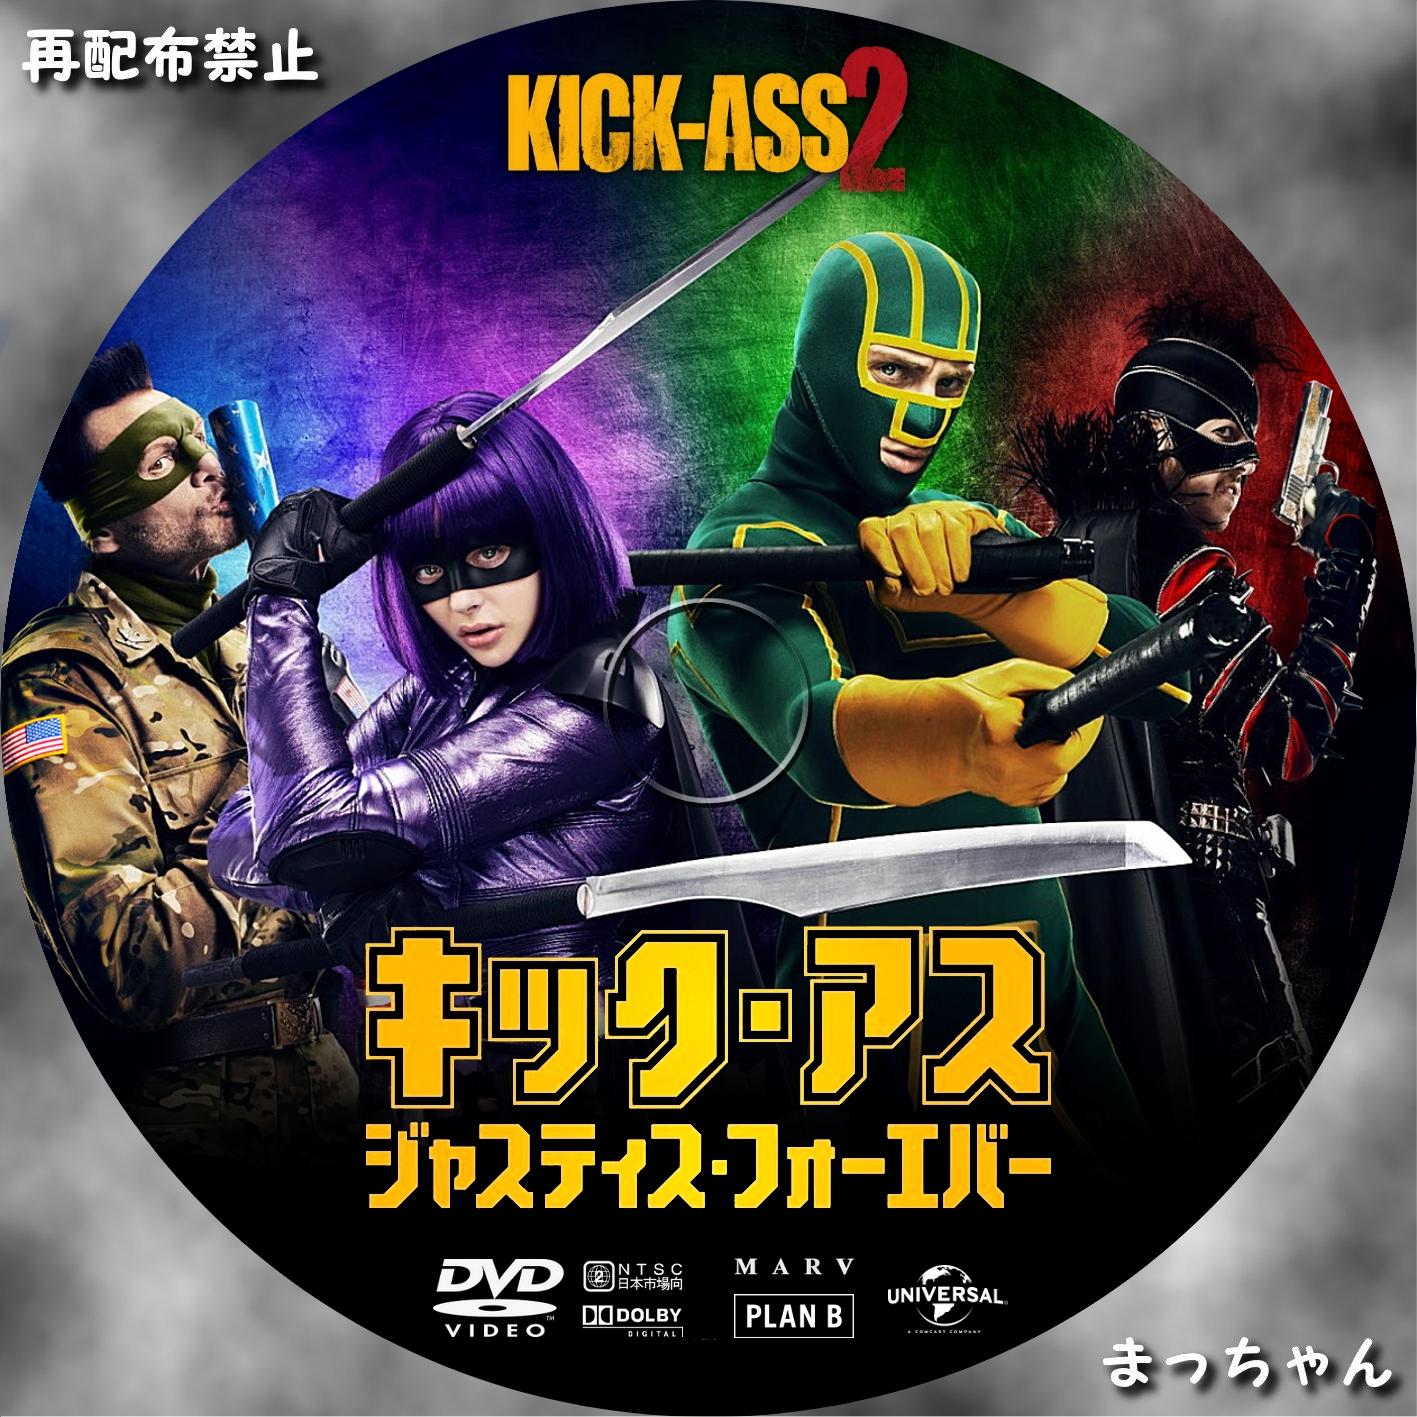 Kick Ass Dvd 12